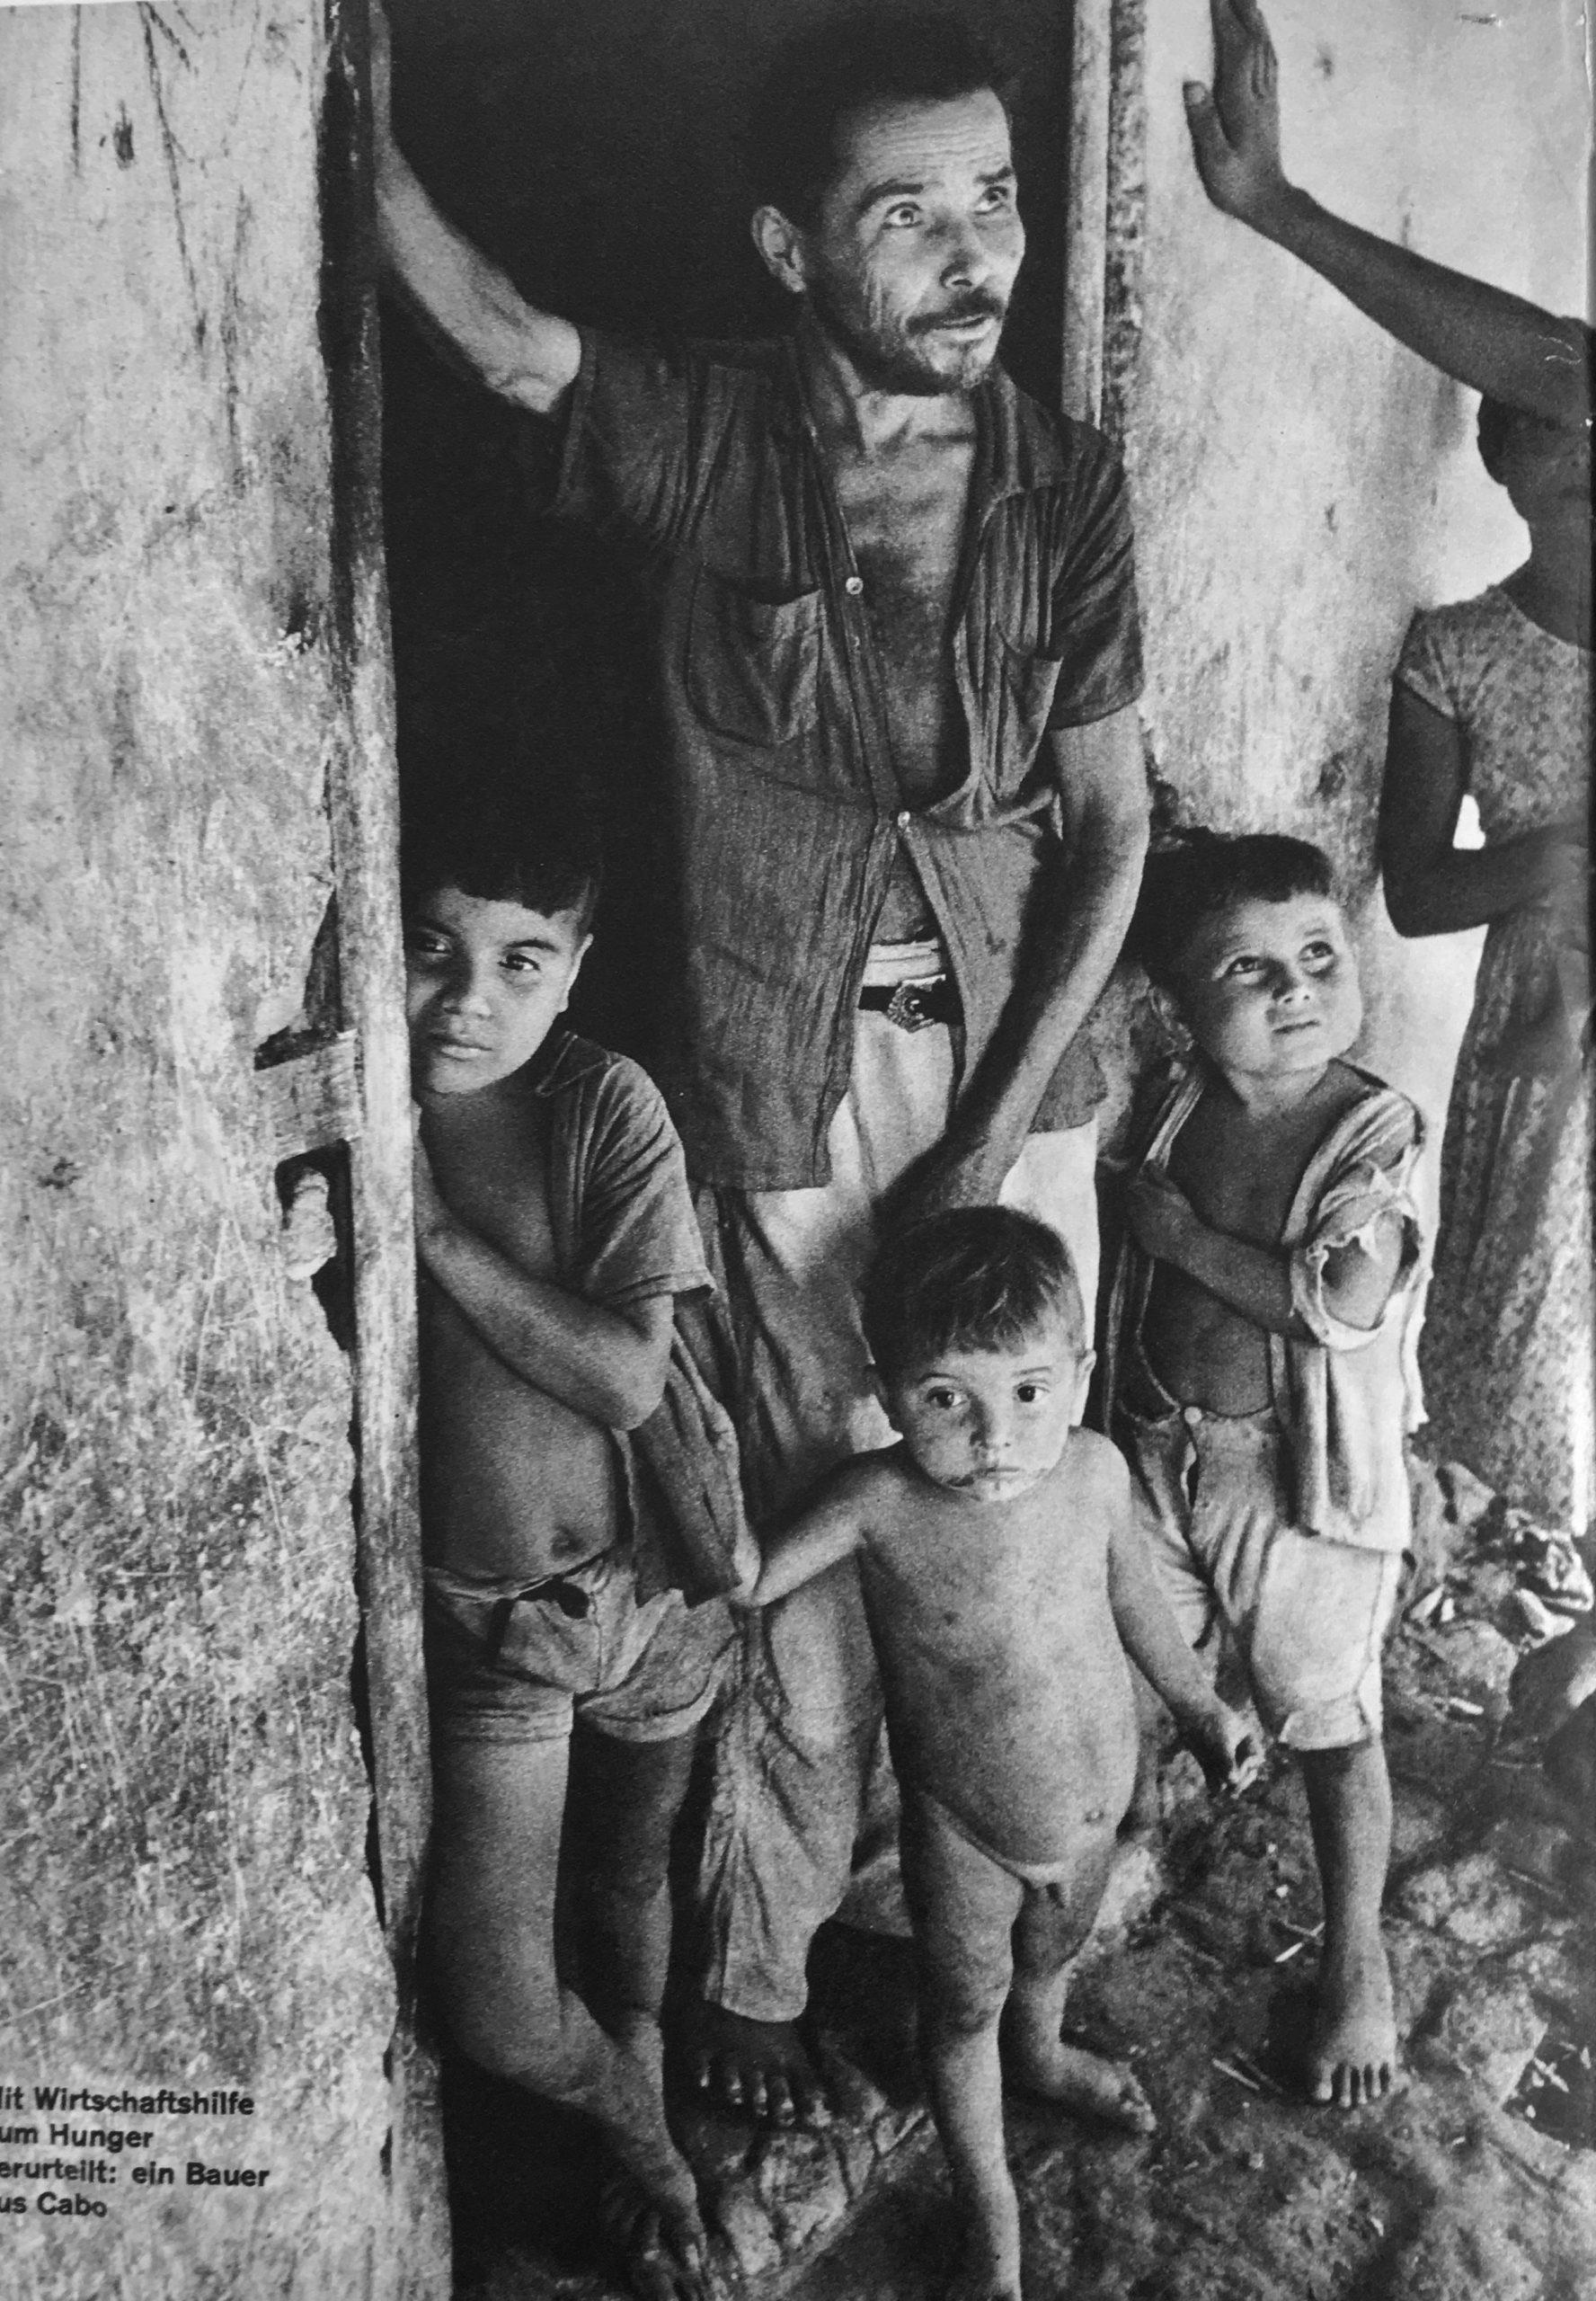 Bauernmord mit Wirtschaftshilfe